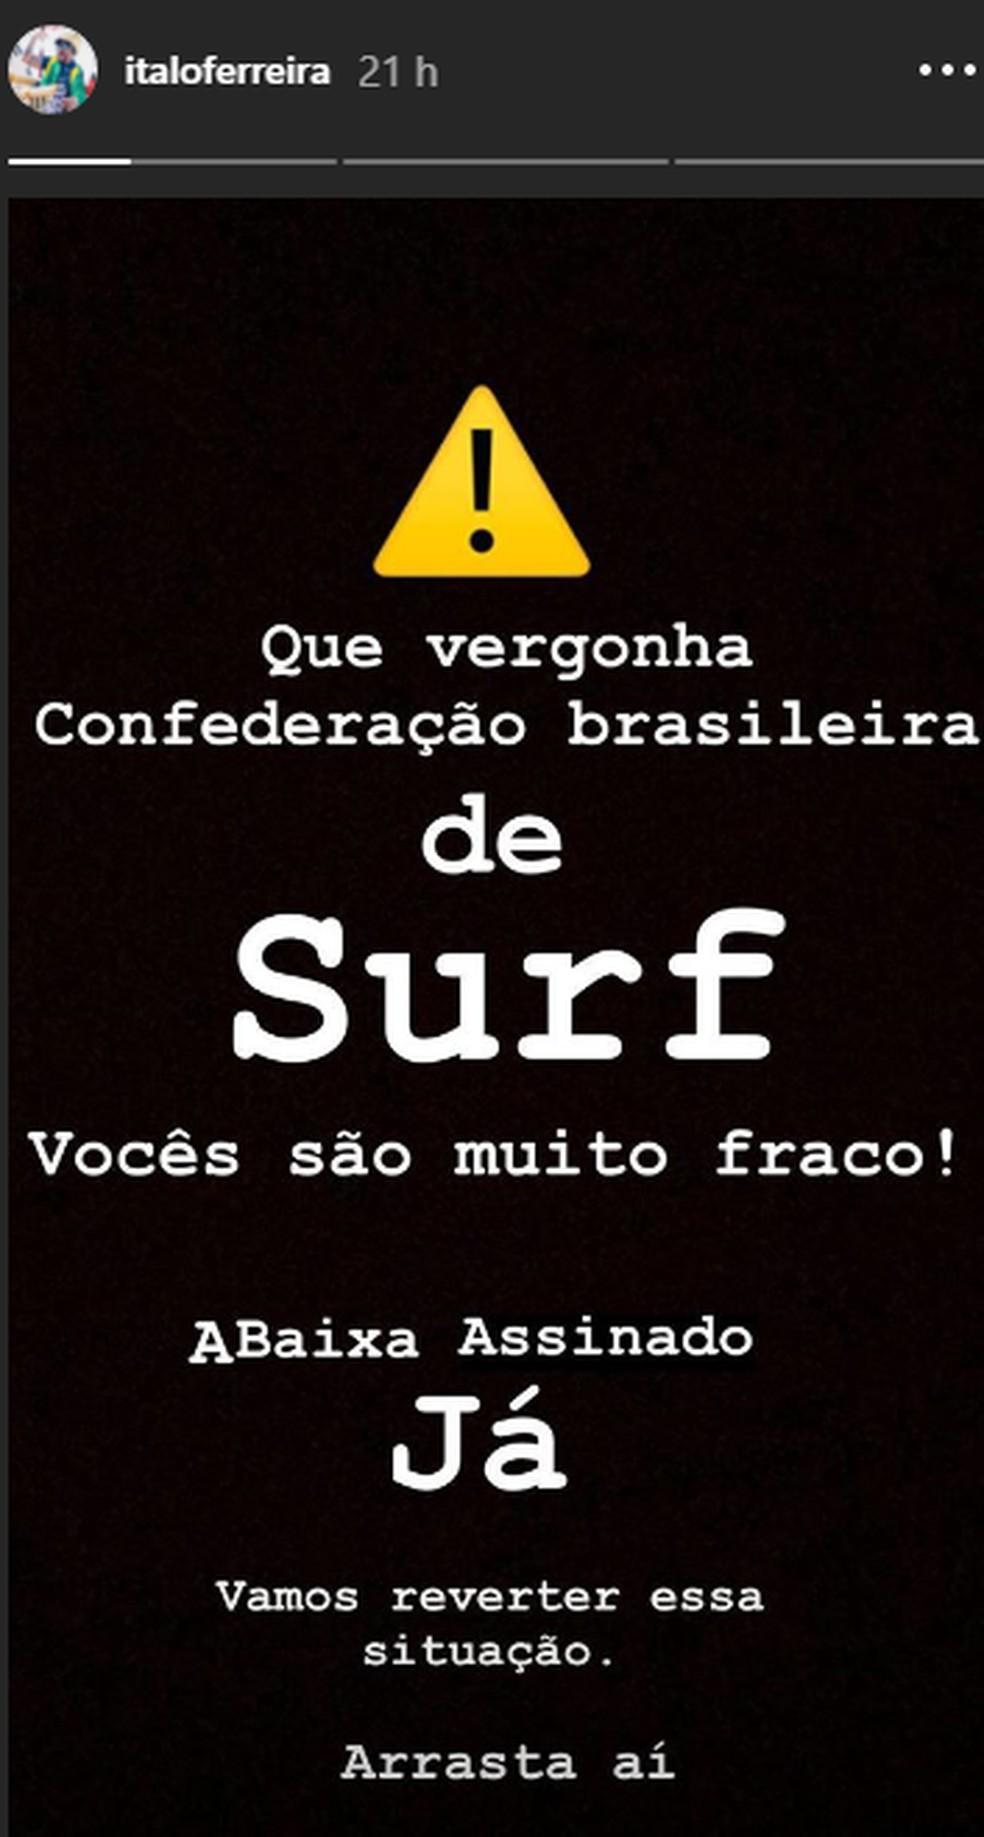 Italo Ferreira apoia abaixo assinado contra atual gestão da CBSurf — Foto: Reprodução Instagram